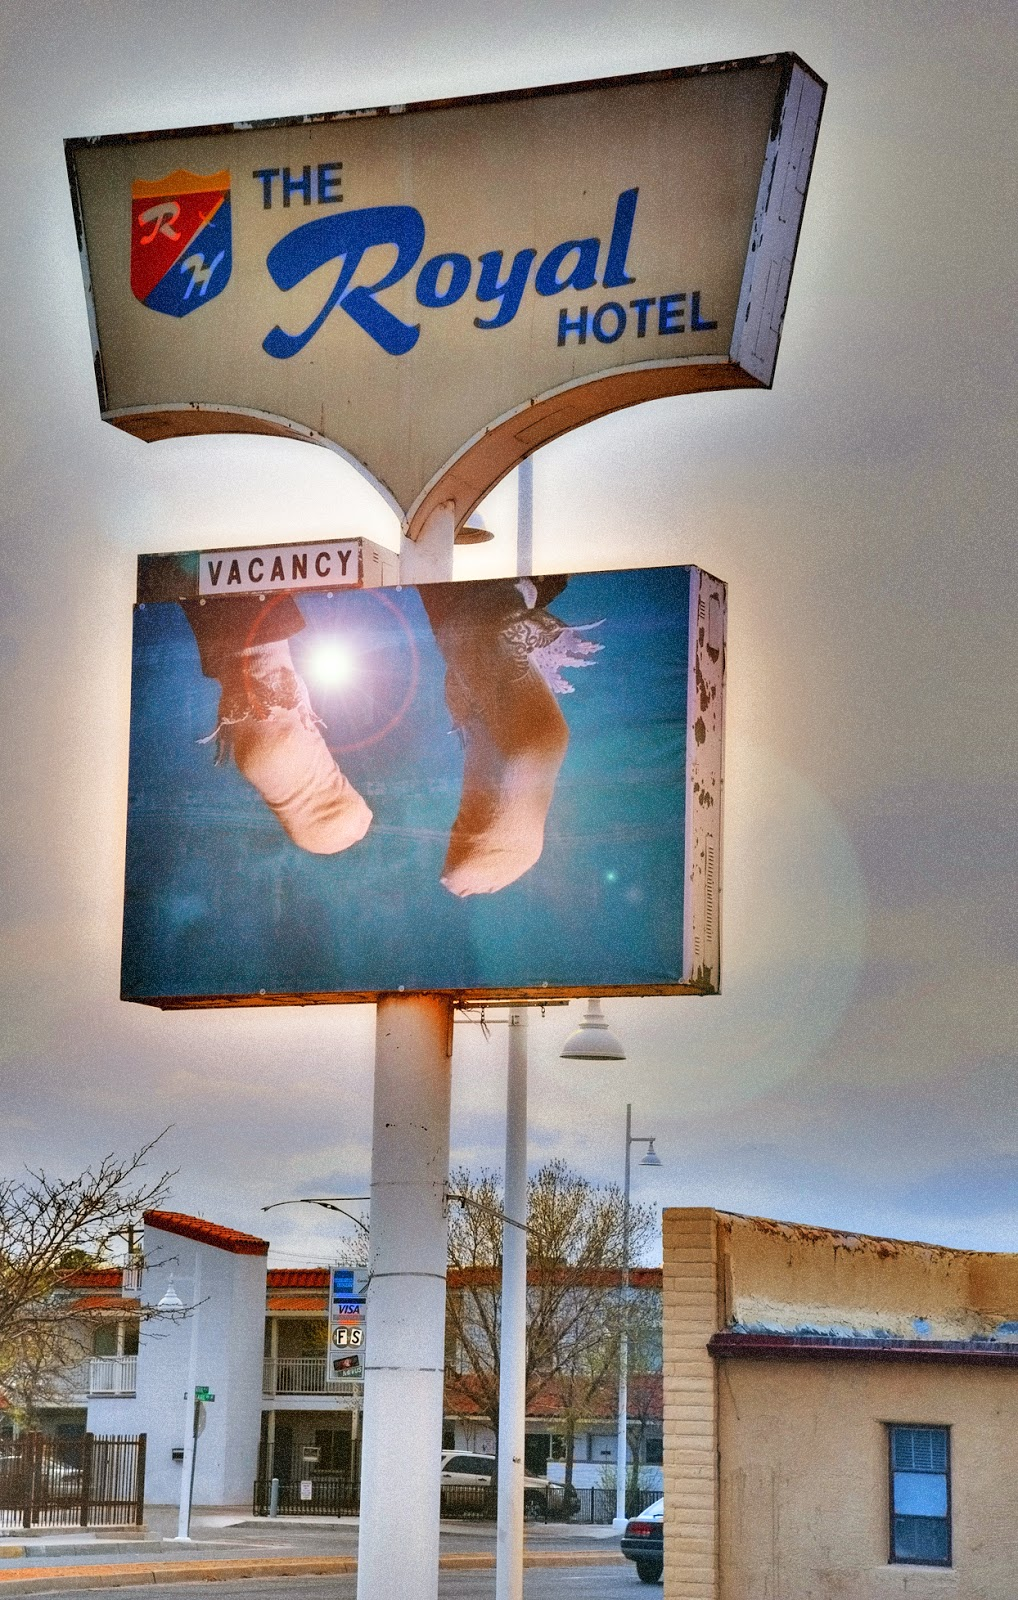 heidi utz, heidi utz photography, royal hotel albuquerque, route 66 signs, route 66 photos, albuquerque photos, orphan signs albuquerque